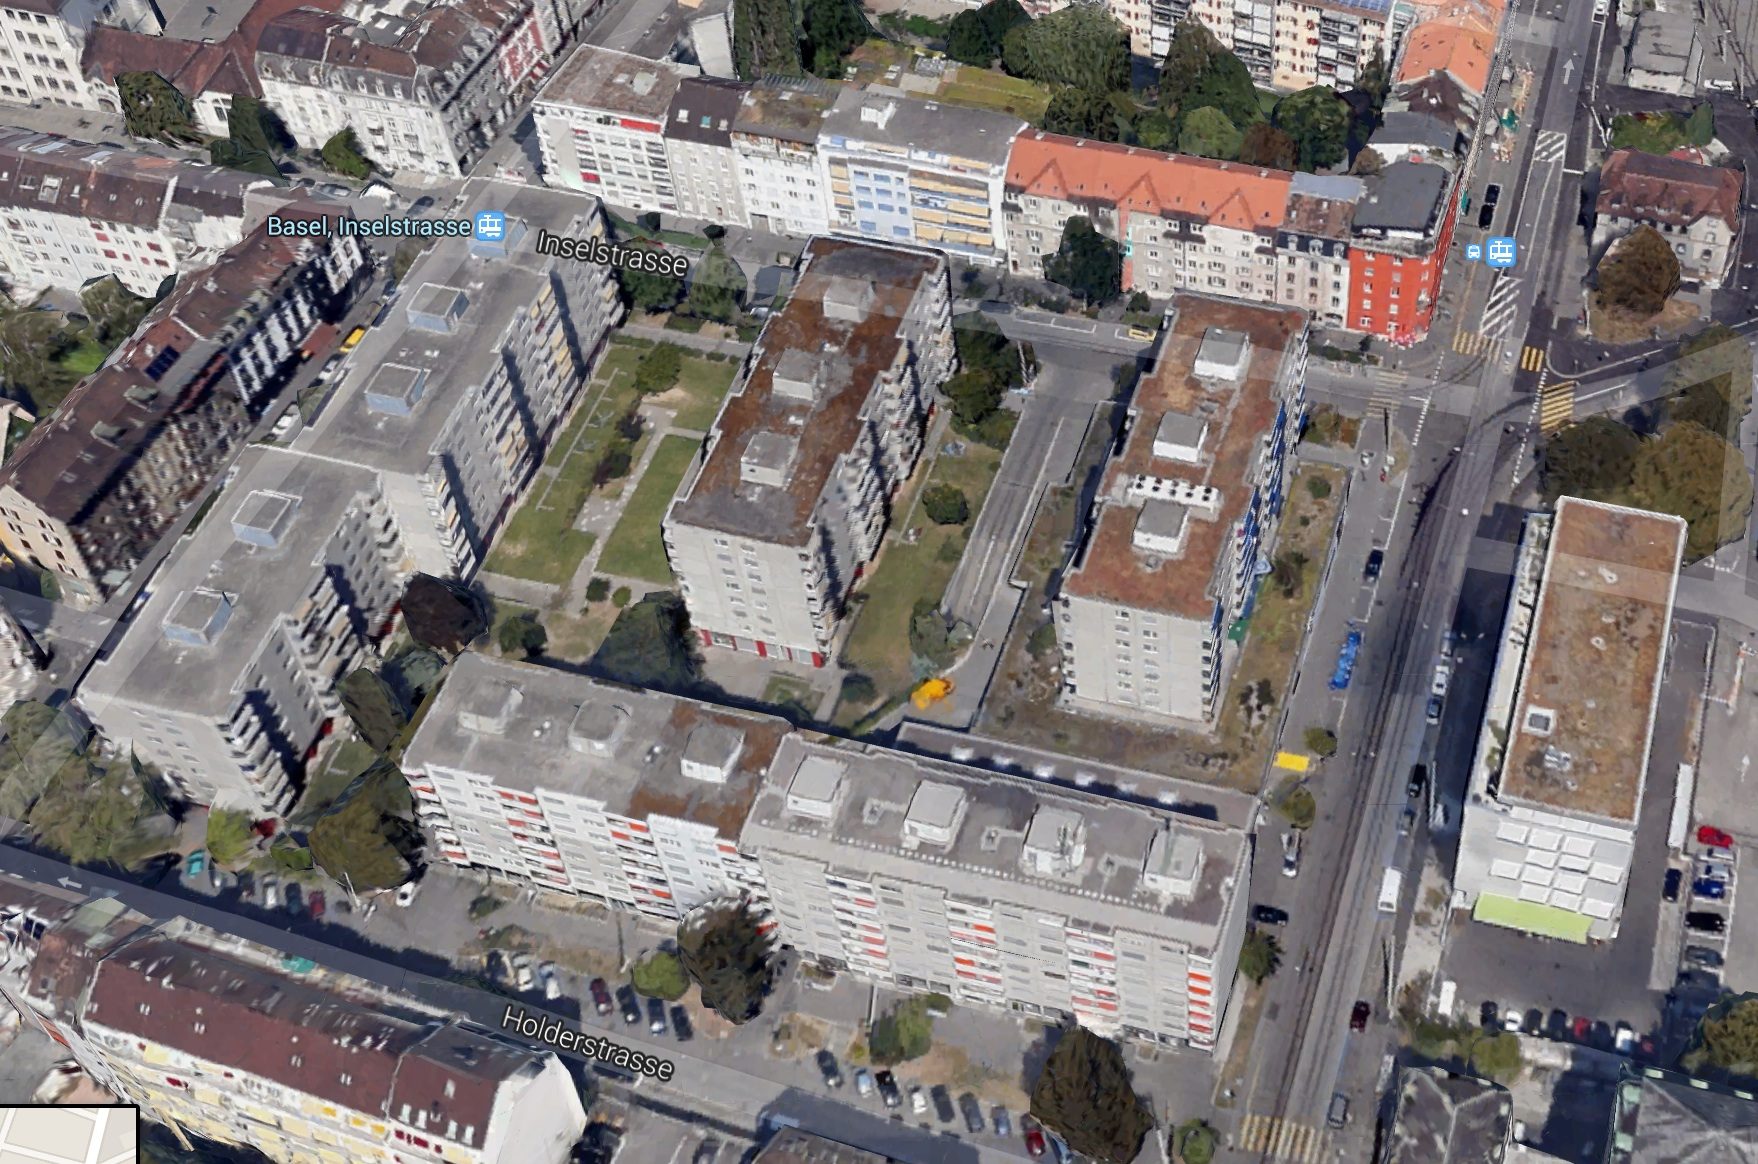 900 Menschen leben in den vier Blocks der Siedlung Klybeck Mitte